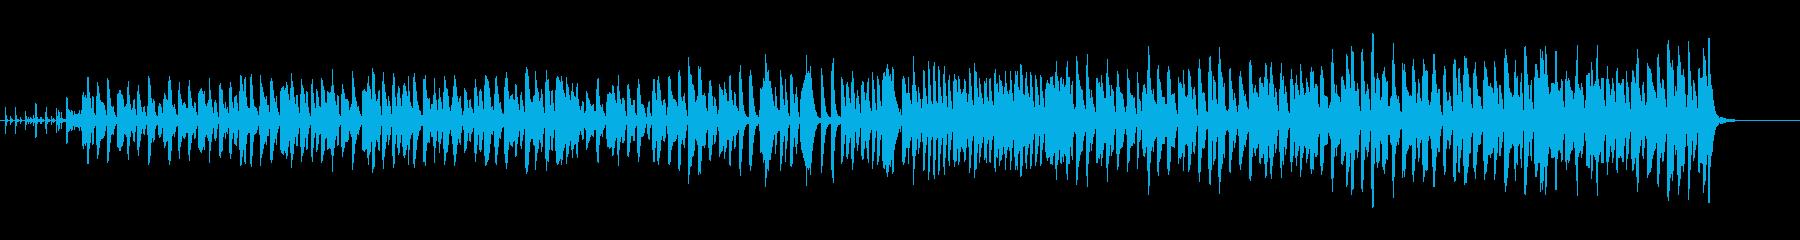 おもちゃの鼓笛隊の再生済みの波形